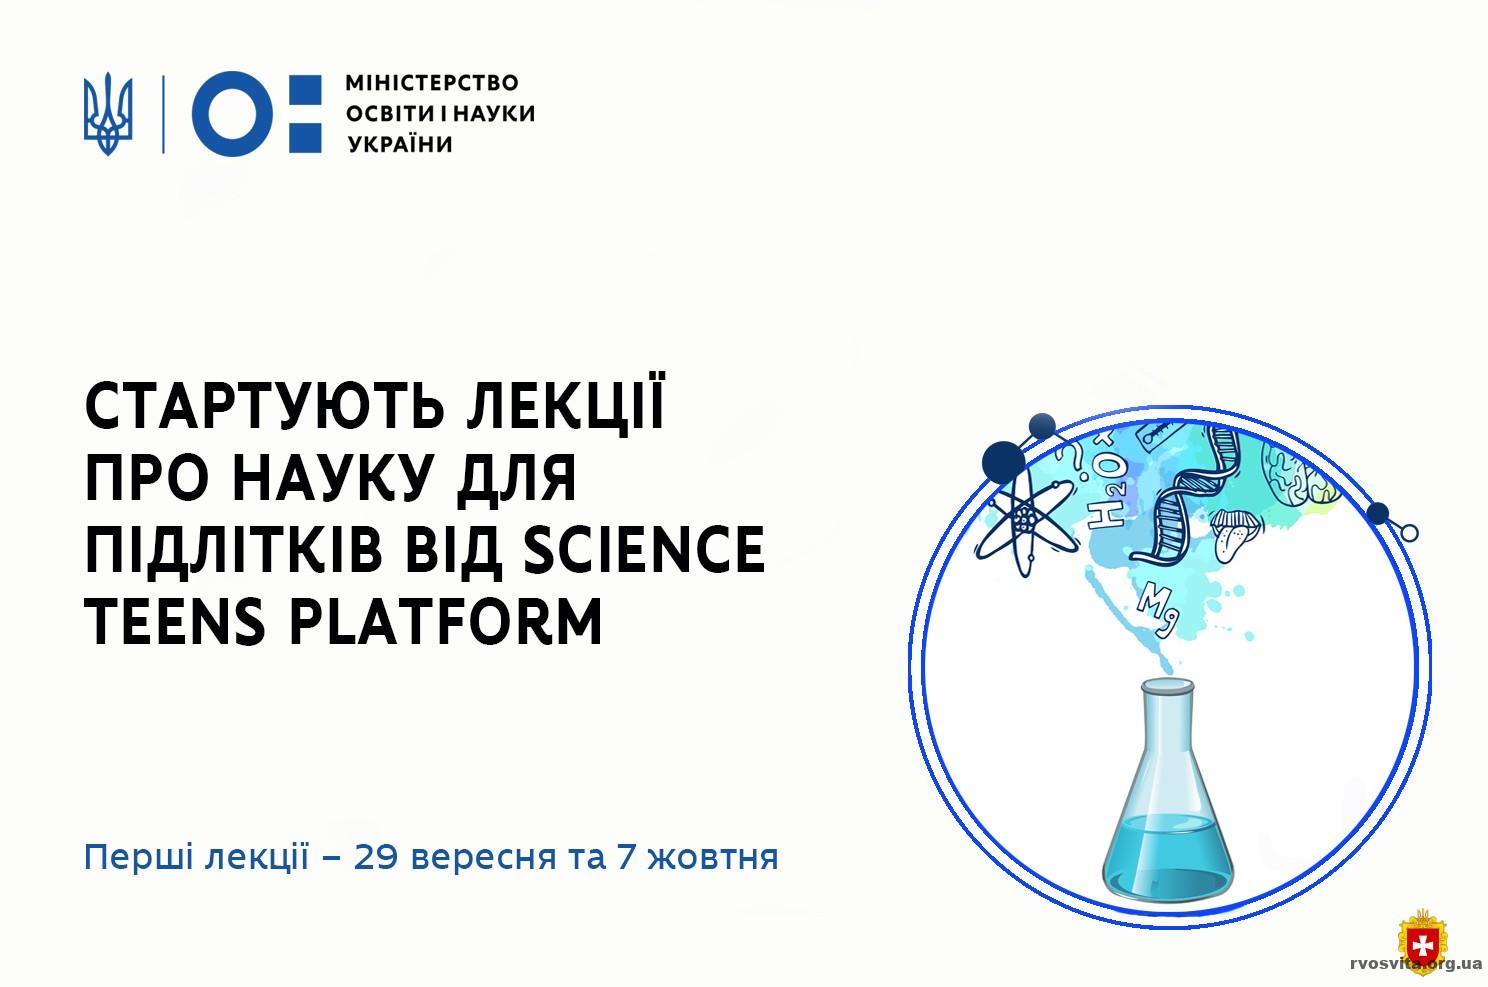 Властивості атмосфери та природа наукових відкриттів: 29 вересня стартують лекції про науку для підлітків від Science Teens Platform